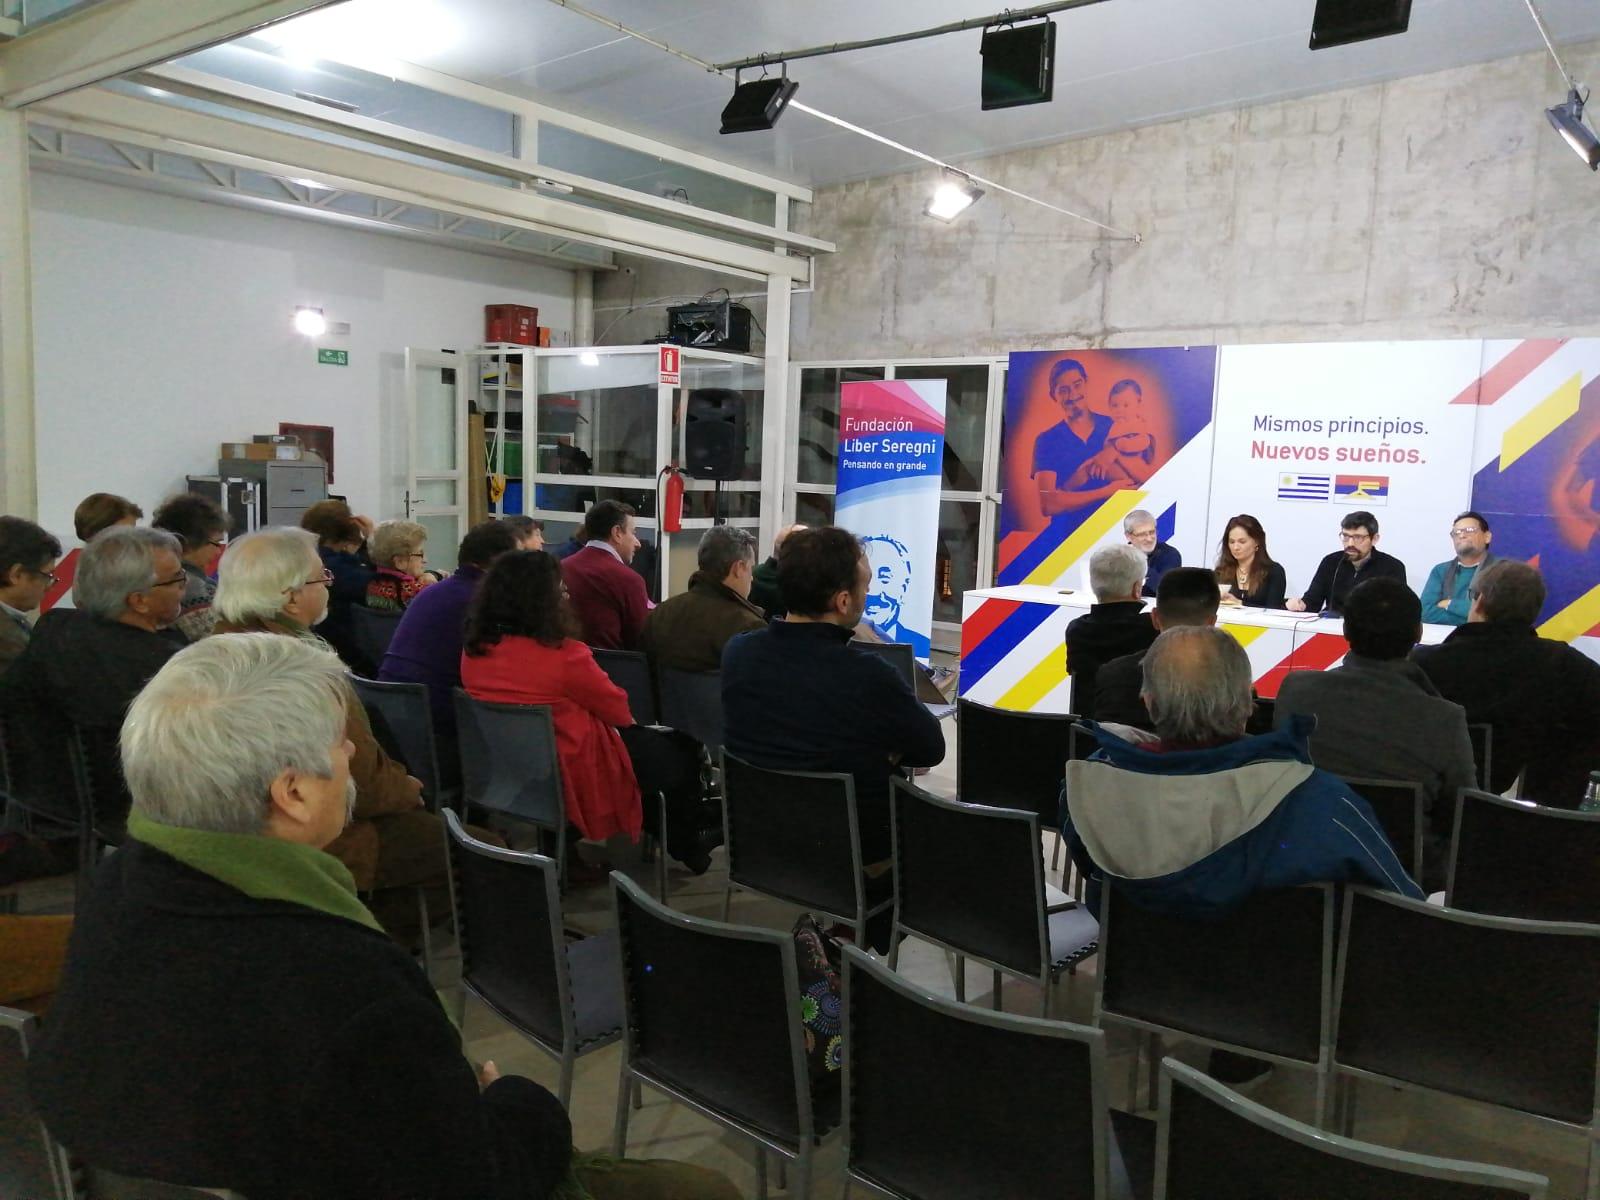 Presidenta de Chile 21 asiste a Primer encuentro de trabajo de la Red de Fundaciones de Izquierda y Progresista de América Latina